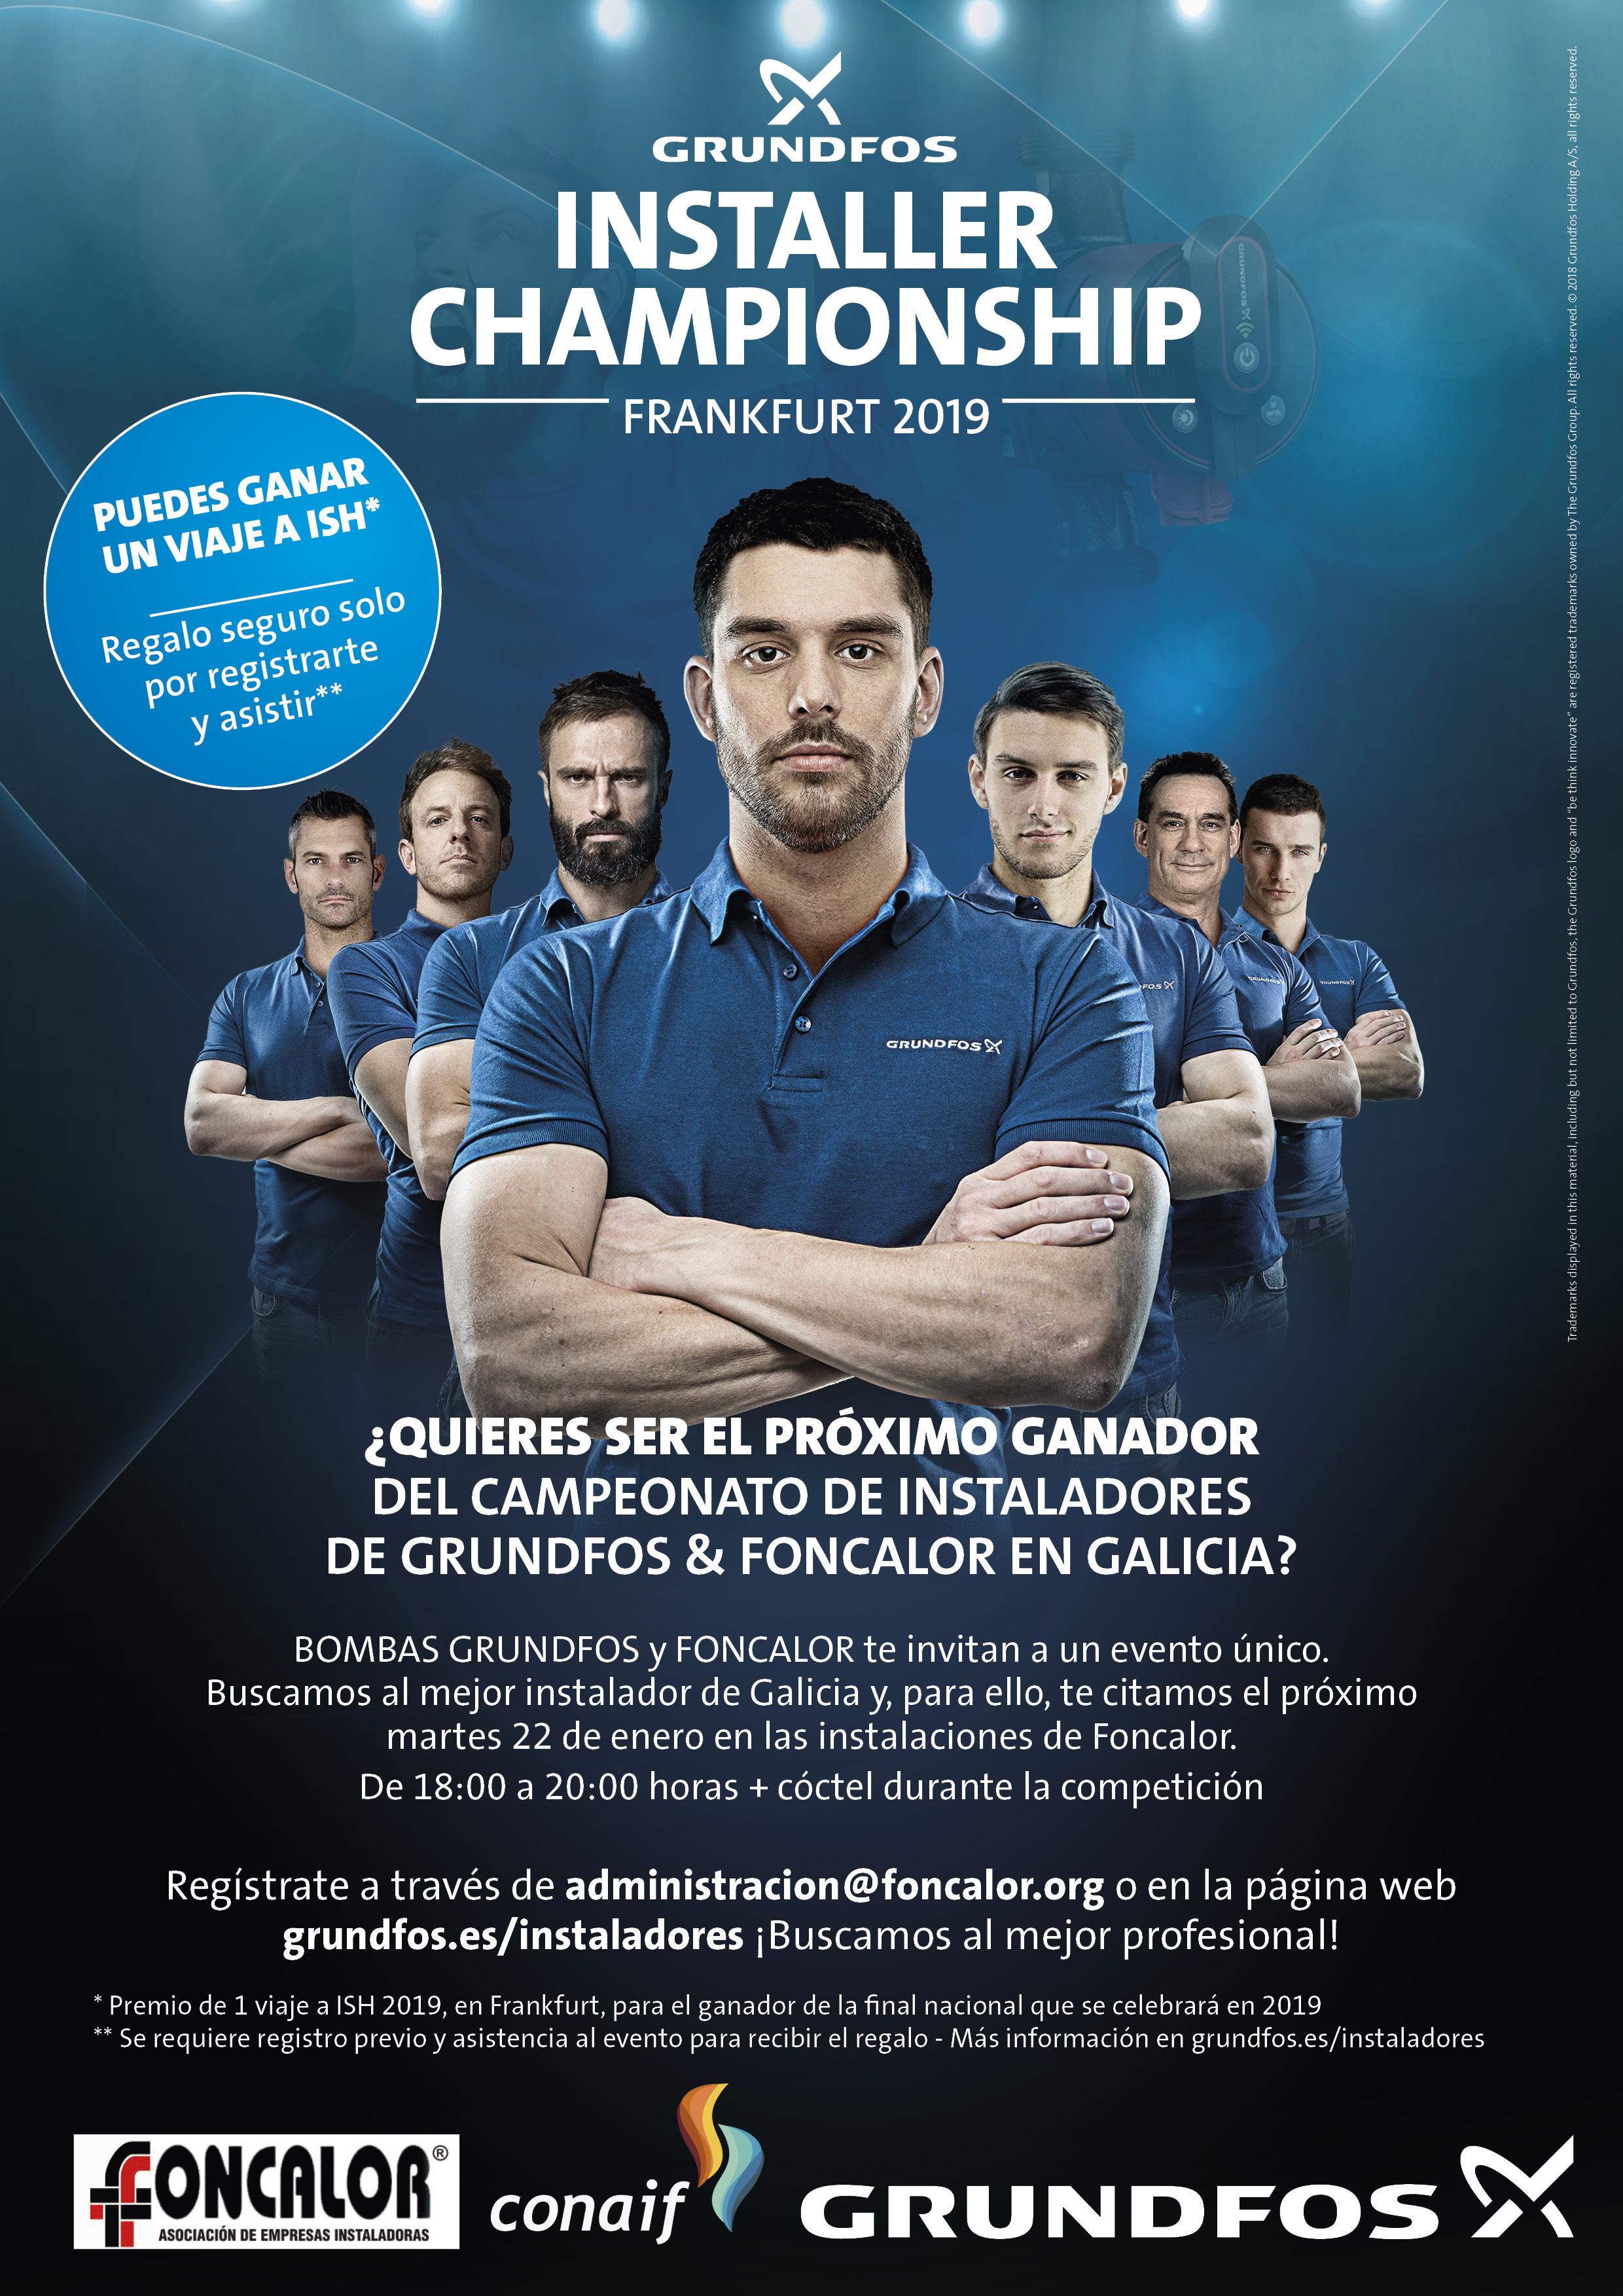 Campeonato GRUNDFOS